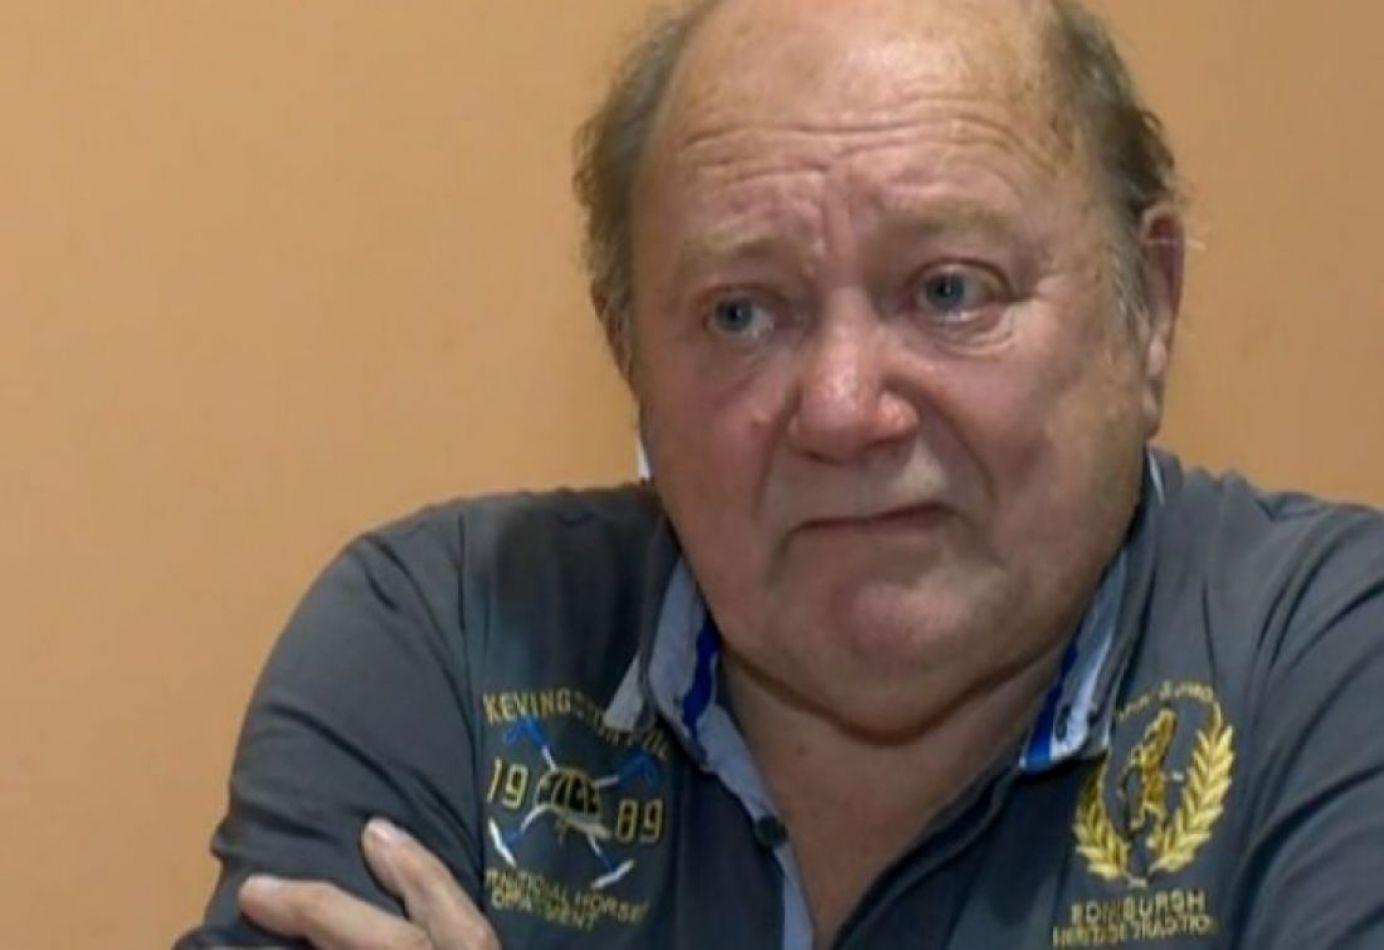 Tras ser liberado, internaron de urgencia al jubilado que abatió a tiros al ladrón